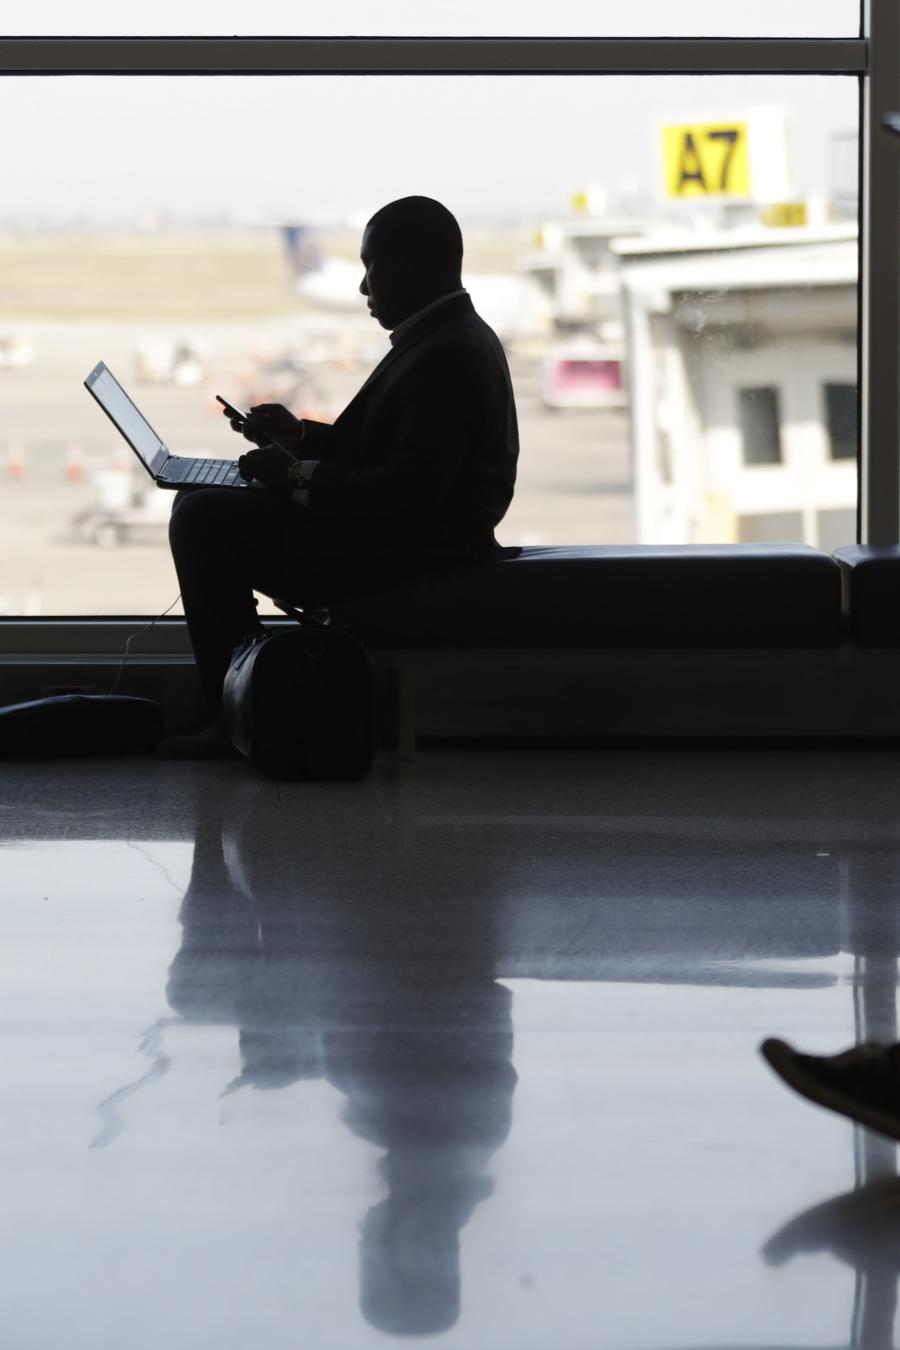 Viajeros en sus dispositivos electrónicos en el Aeropuerto Internacional de Indianneapolis, Indiana